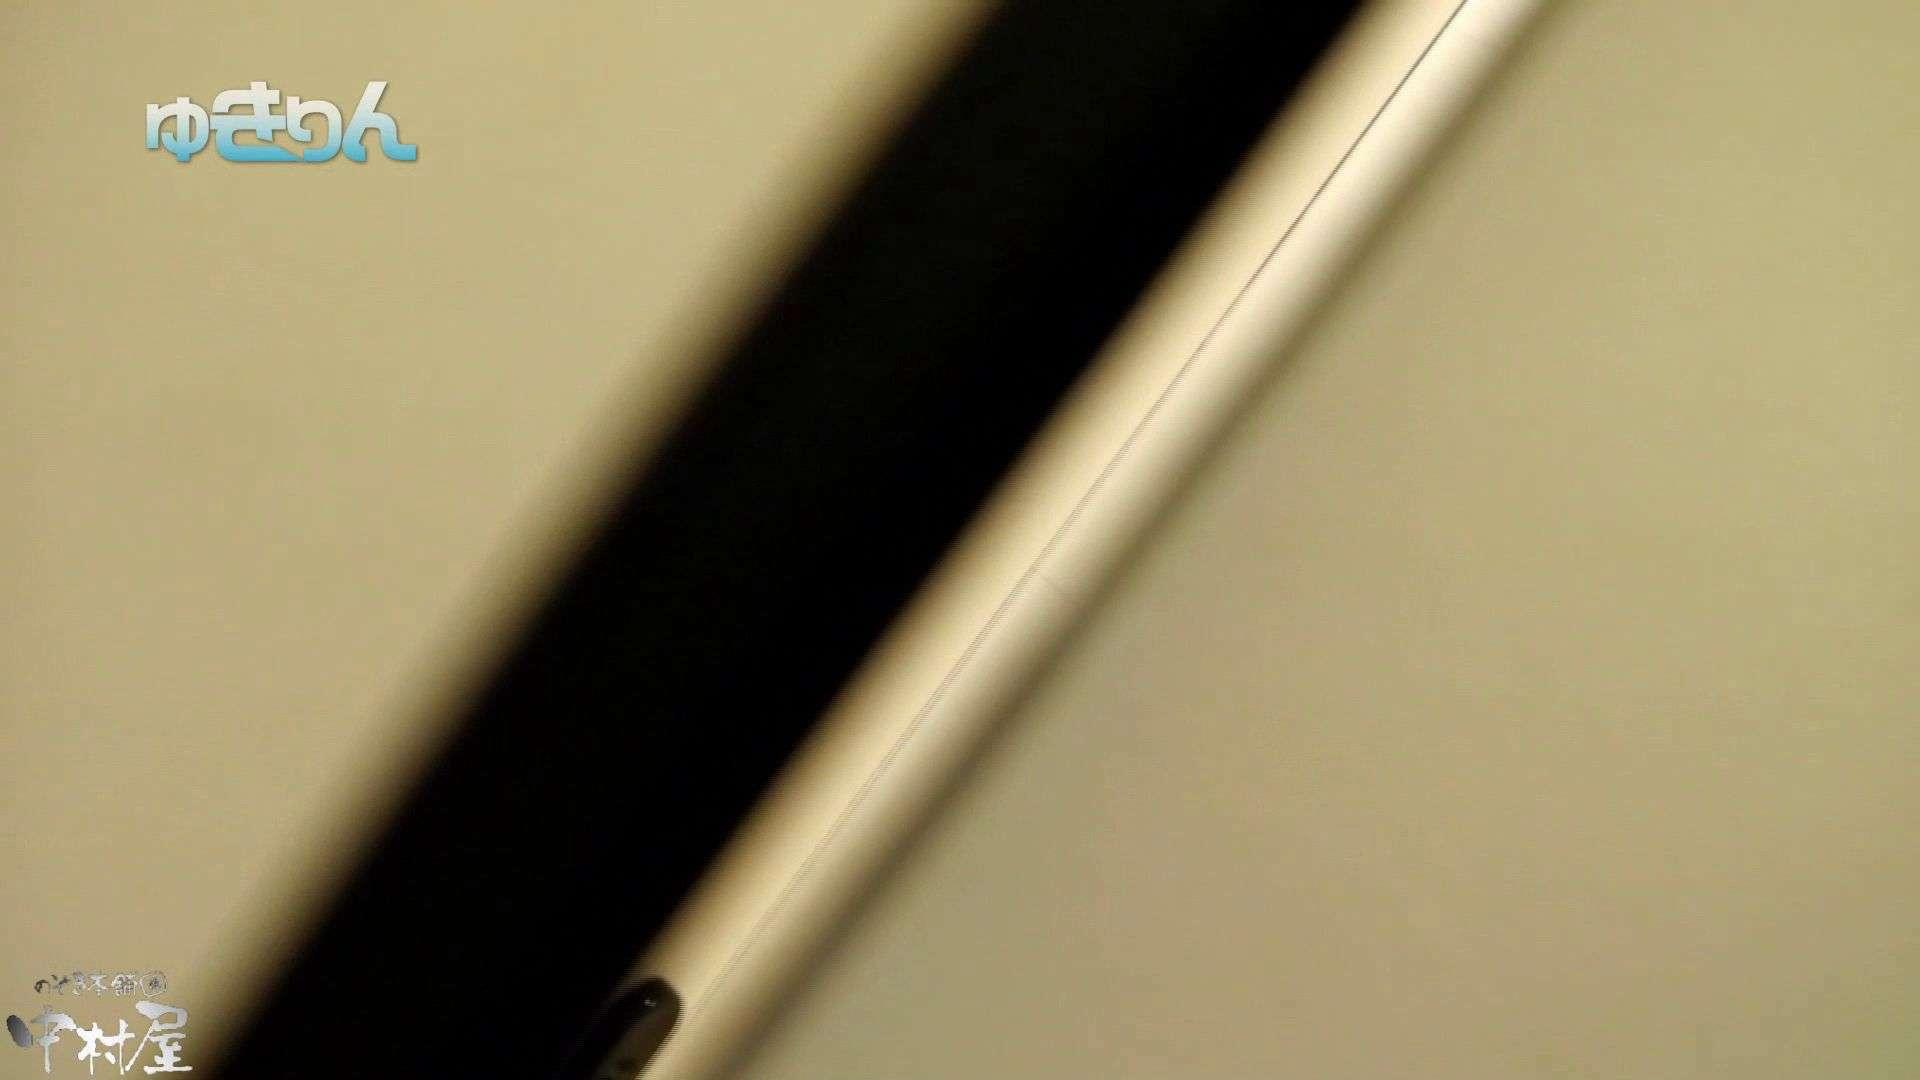 【世界の射窓から~ステーション編~】ステーション編 vol54 便秘のせいで長蛇の列、じっくり撮らせて頂きました後編 OLハメ撮り  44Pix 9